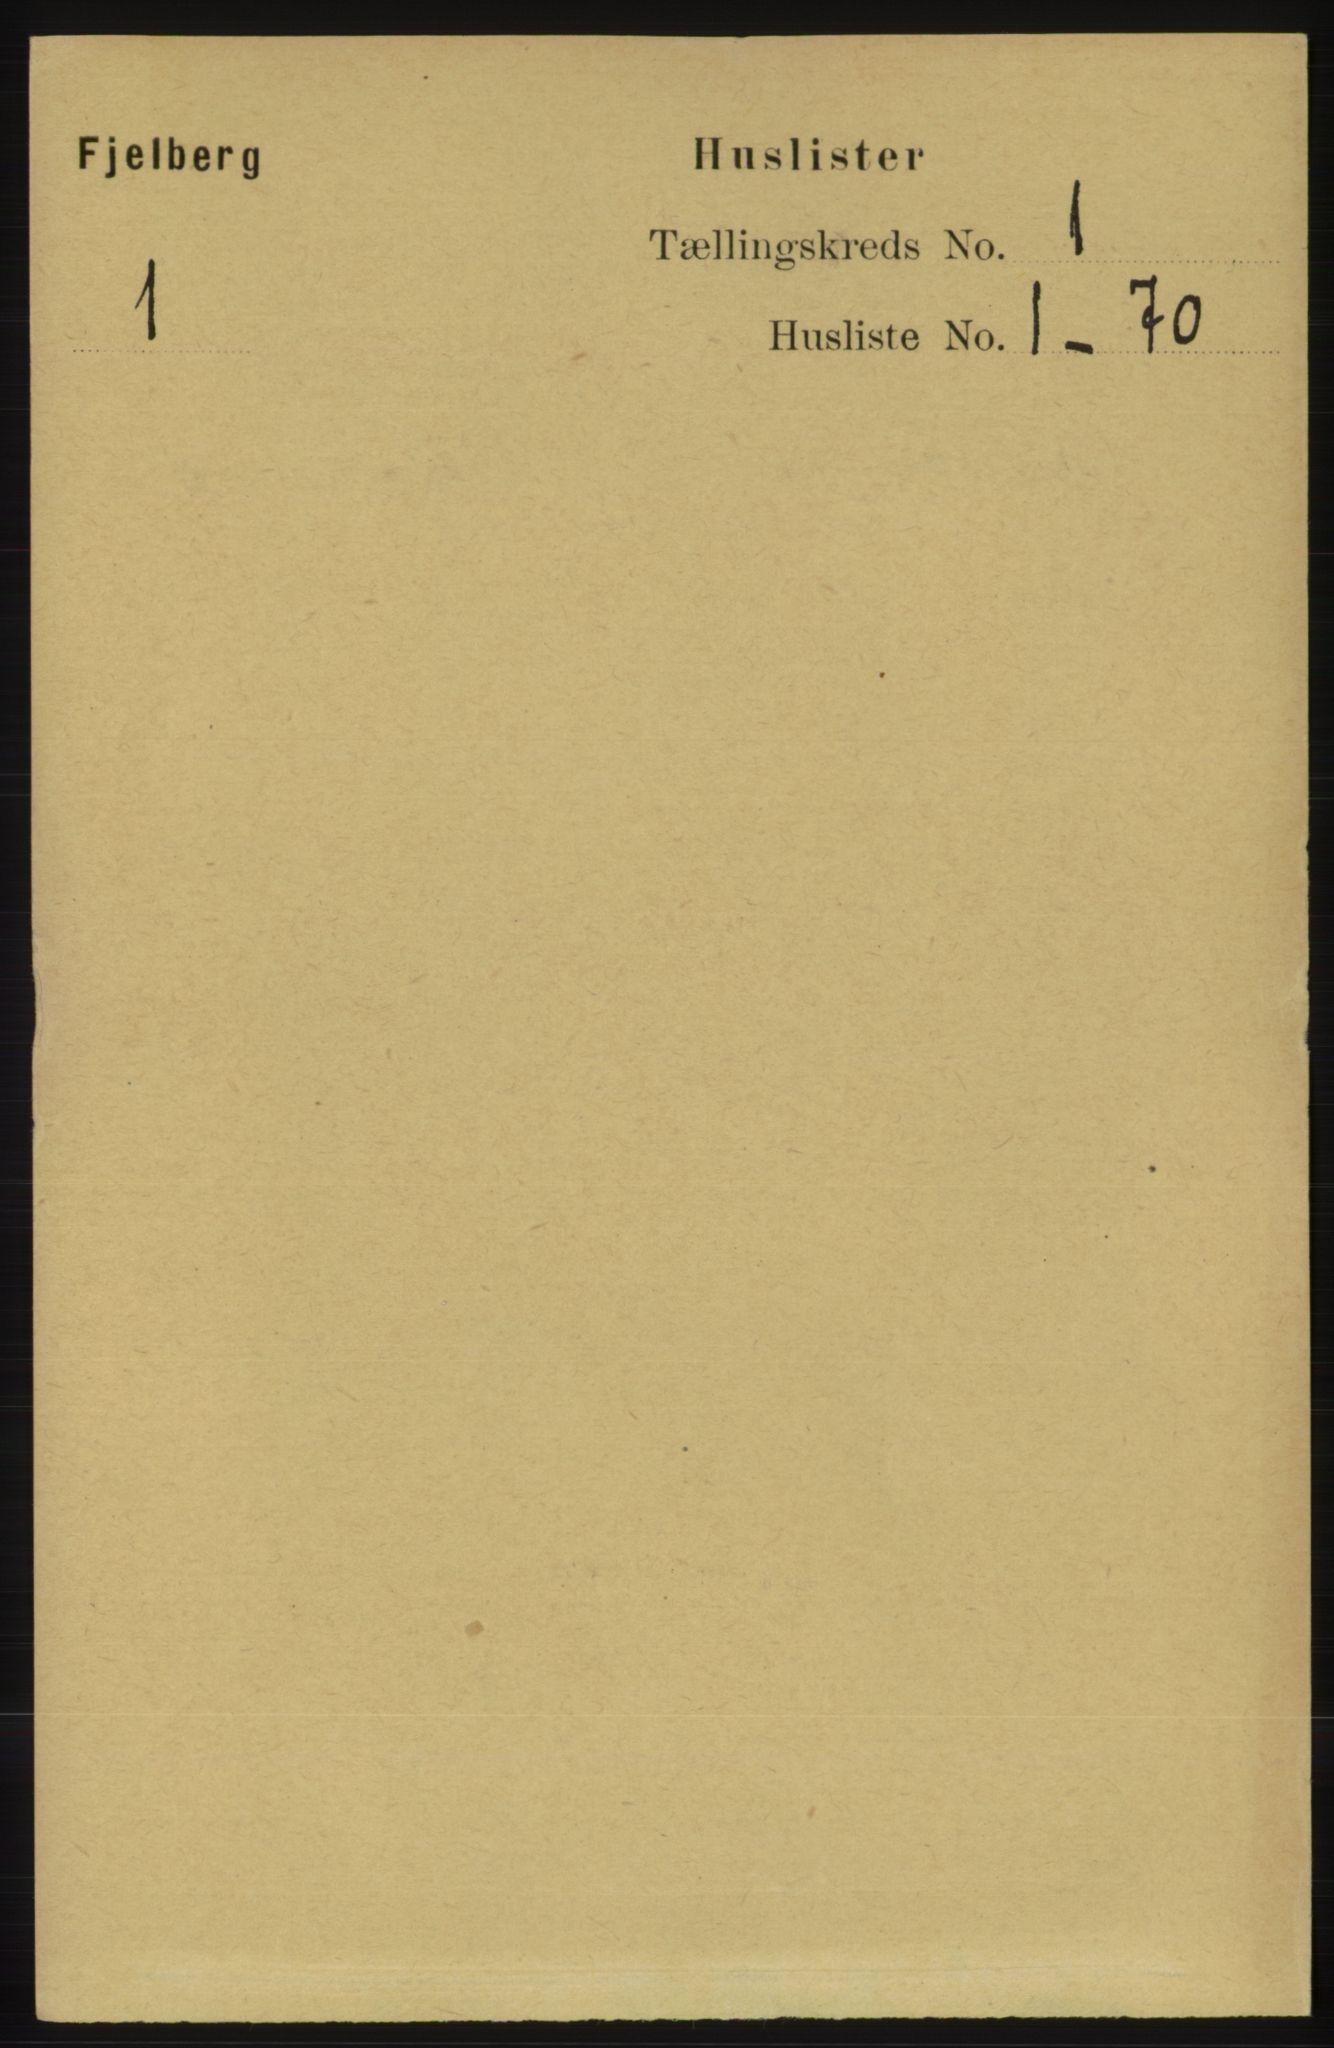 RA, Folketelling 1891 for 1213 Fjelberg herred, 1891, s. 28